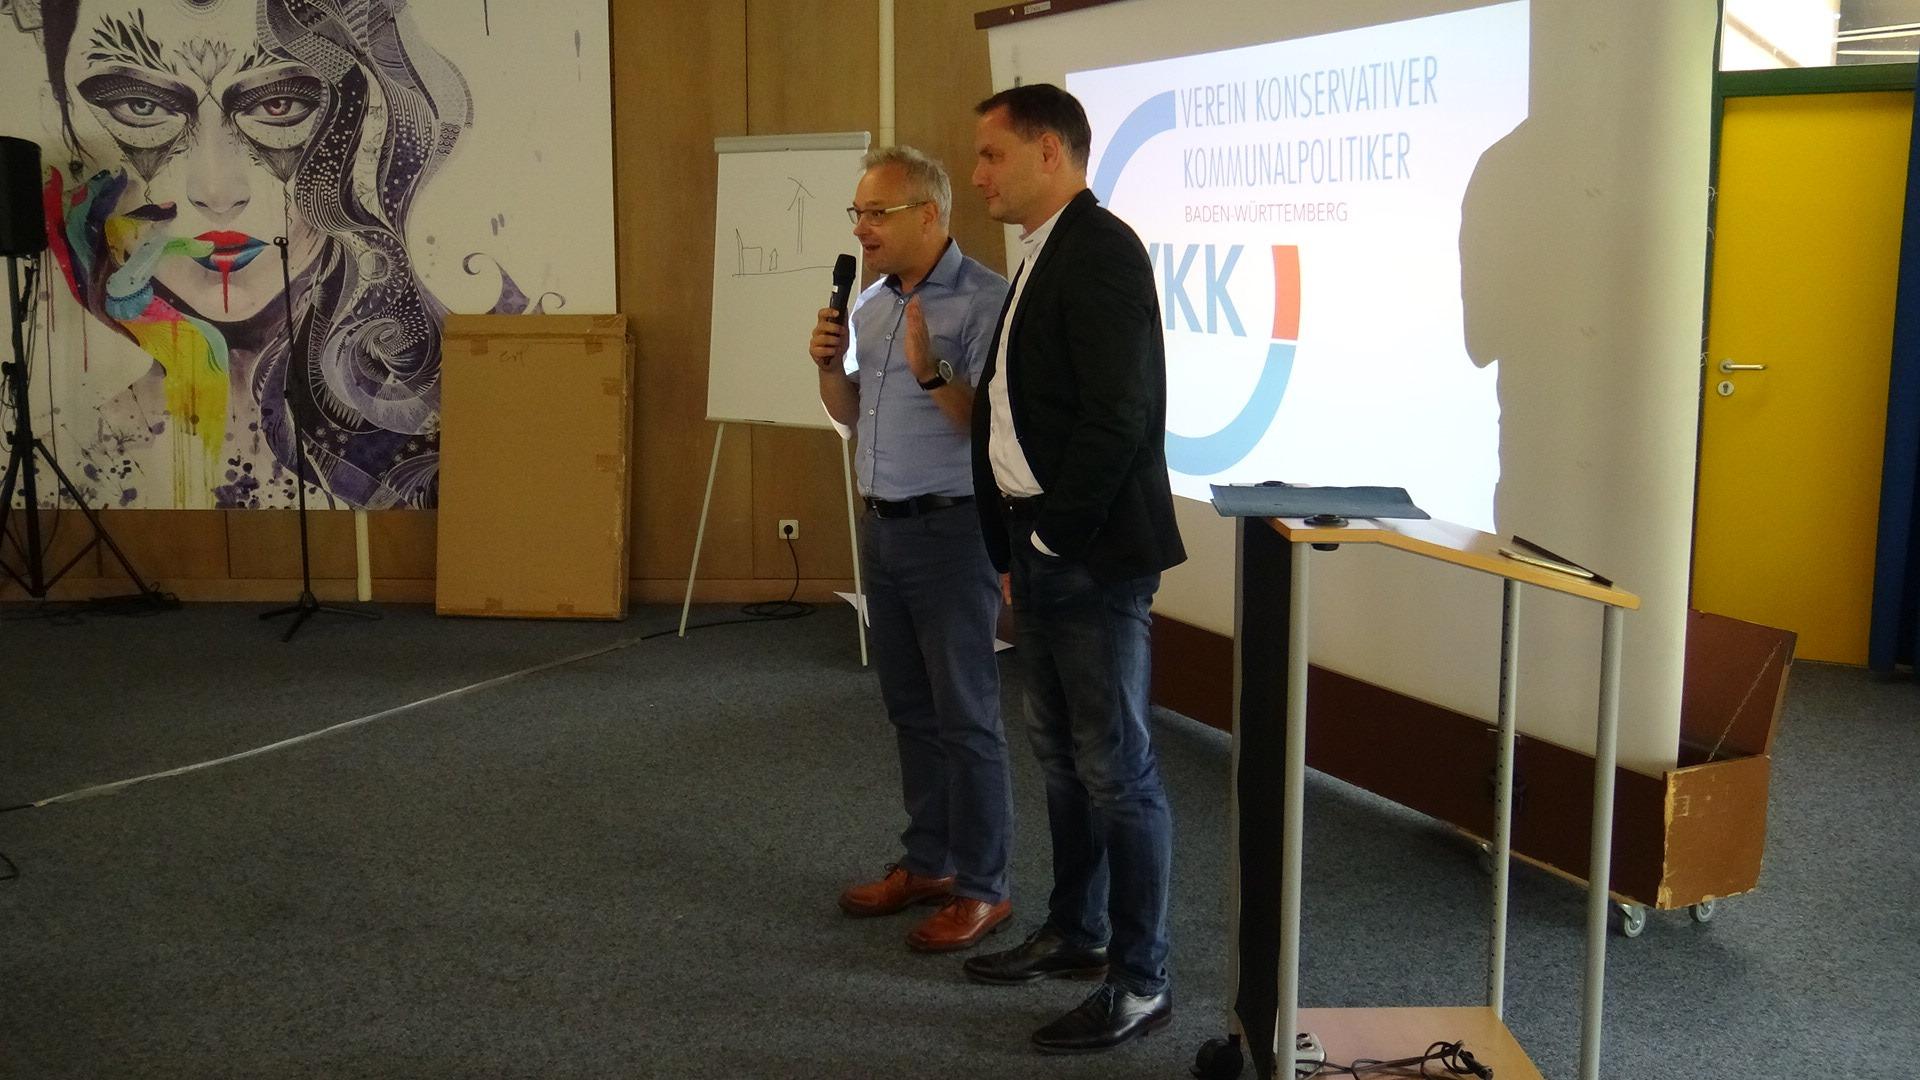 Tino Chrupella und Marc Berndhard beim VKK BW